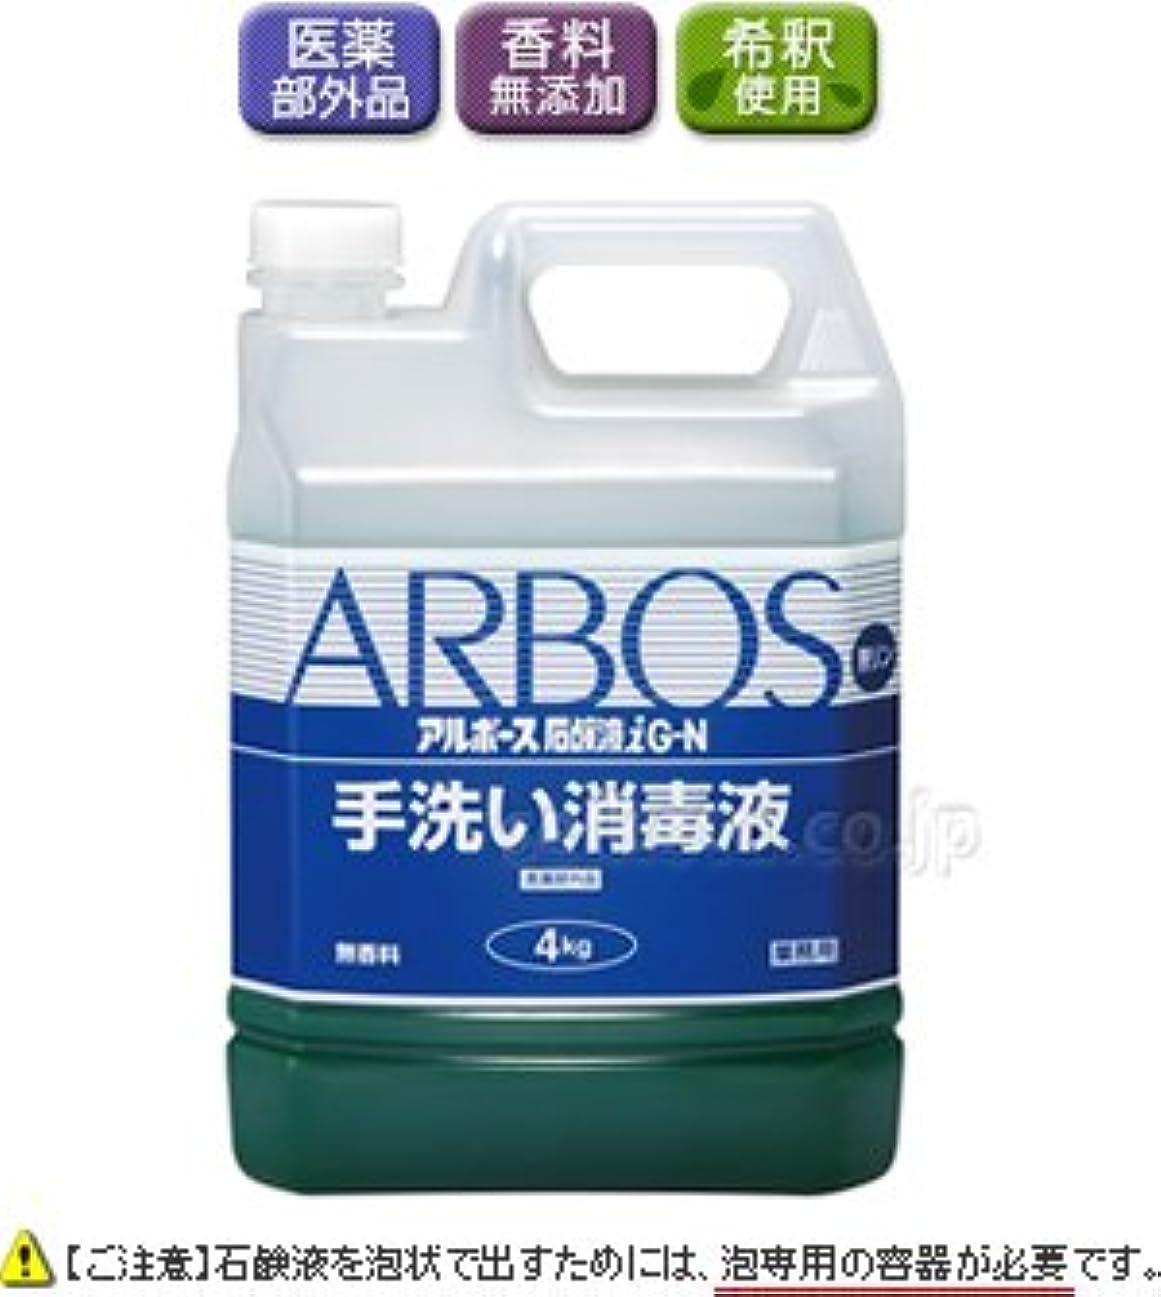 変数おんどり逆説【清潔キレイ館】アルボース石鹸液iG-N お得な4kg×4本セット